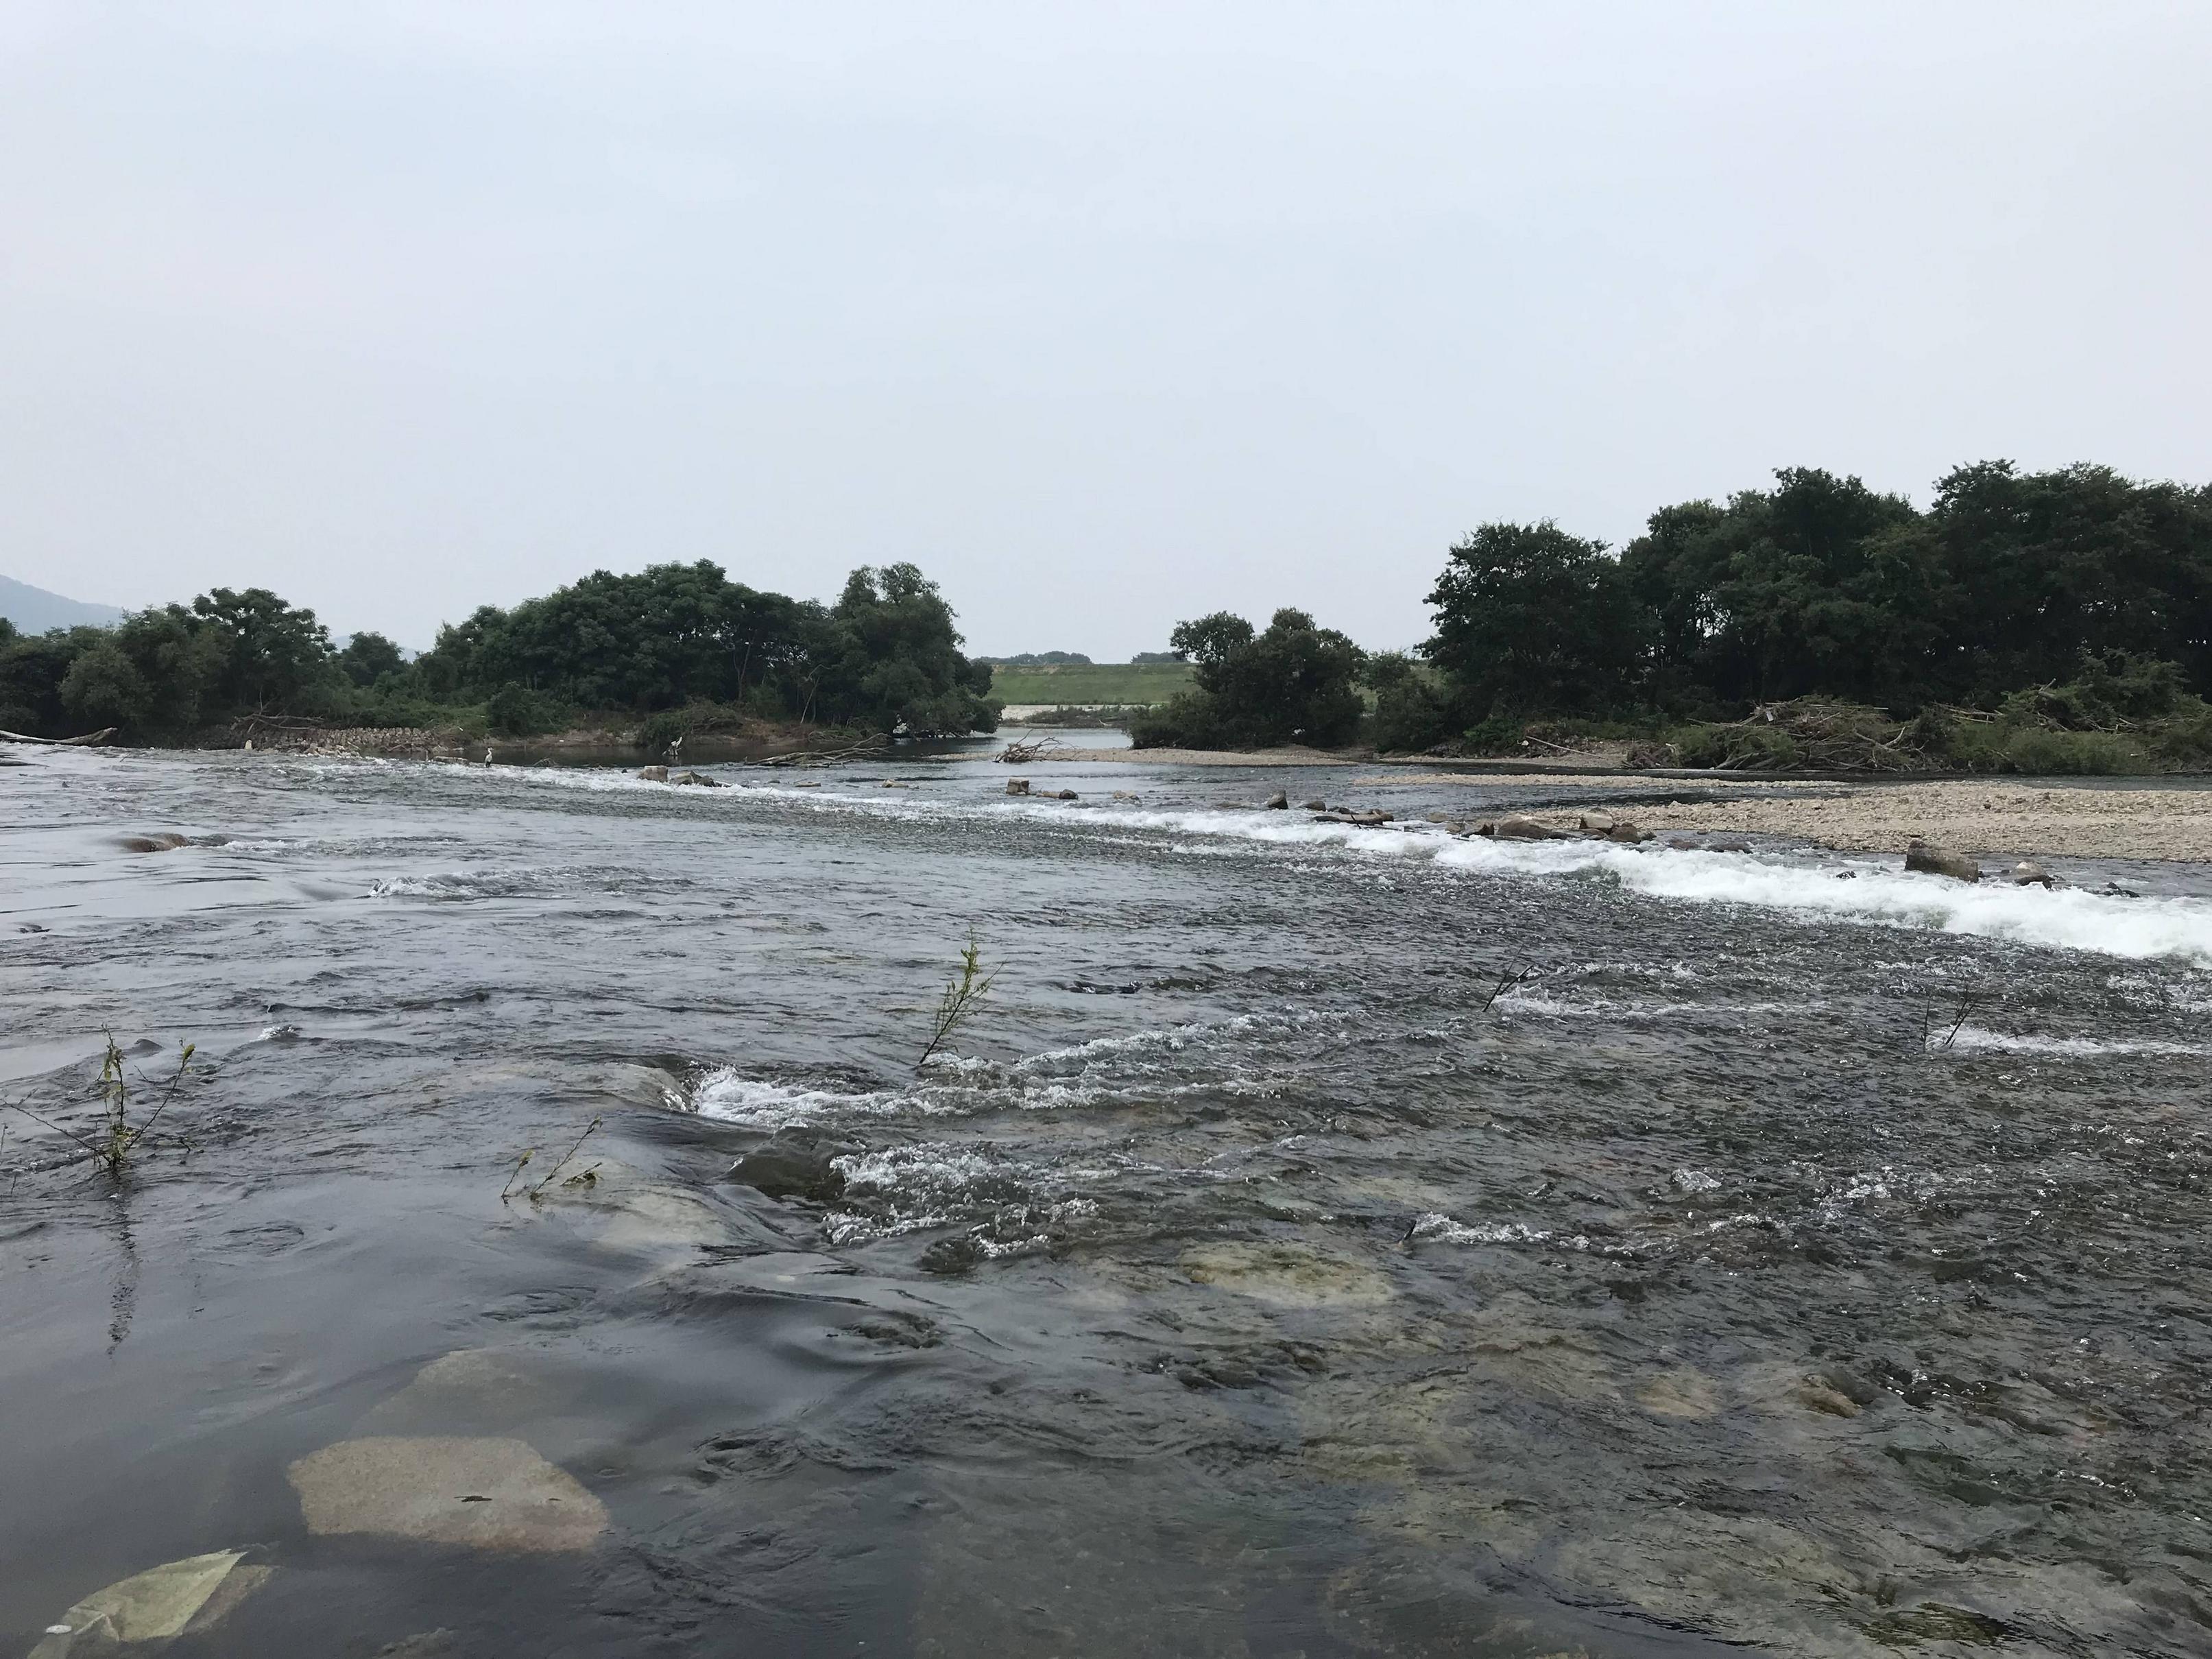 【画像】ニートワイ、2時間もの間何もせず川原でたそがれる…